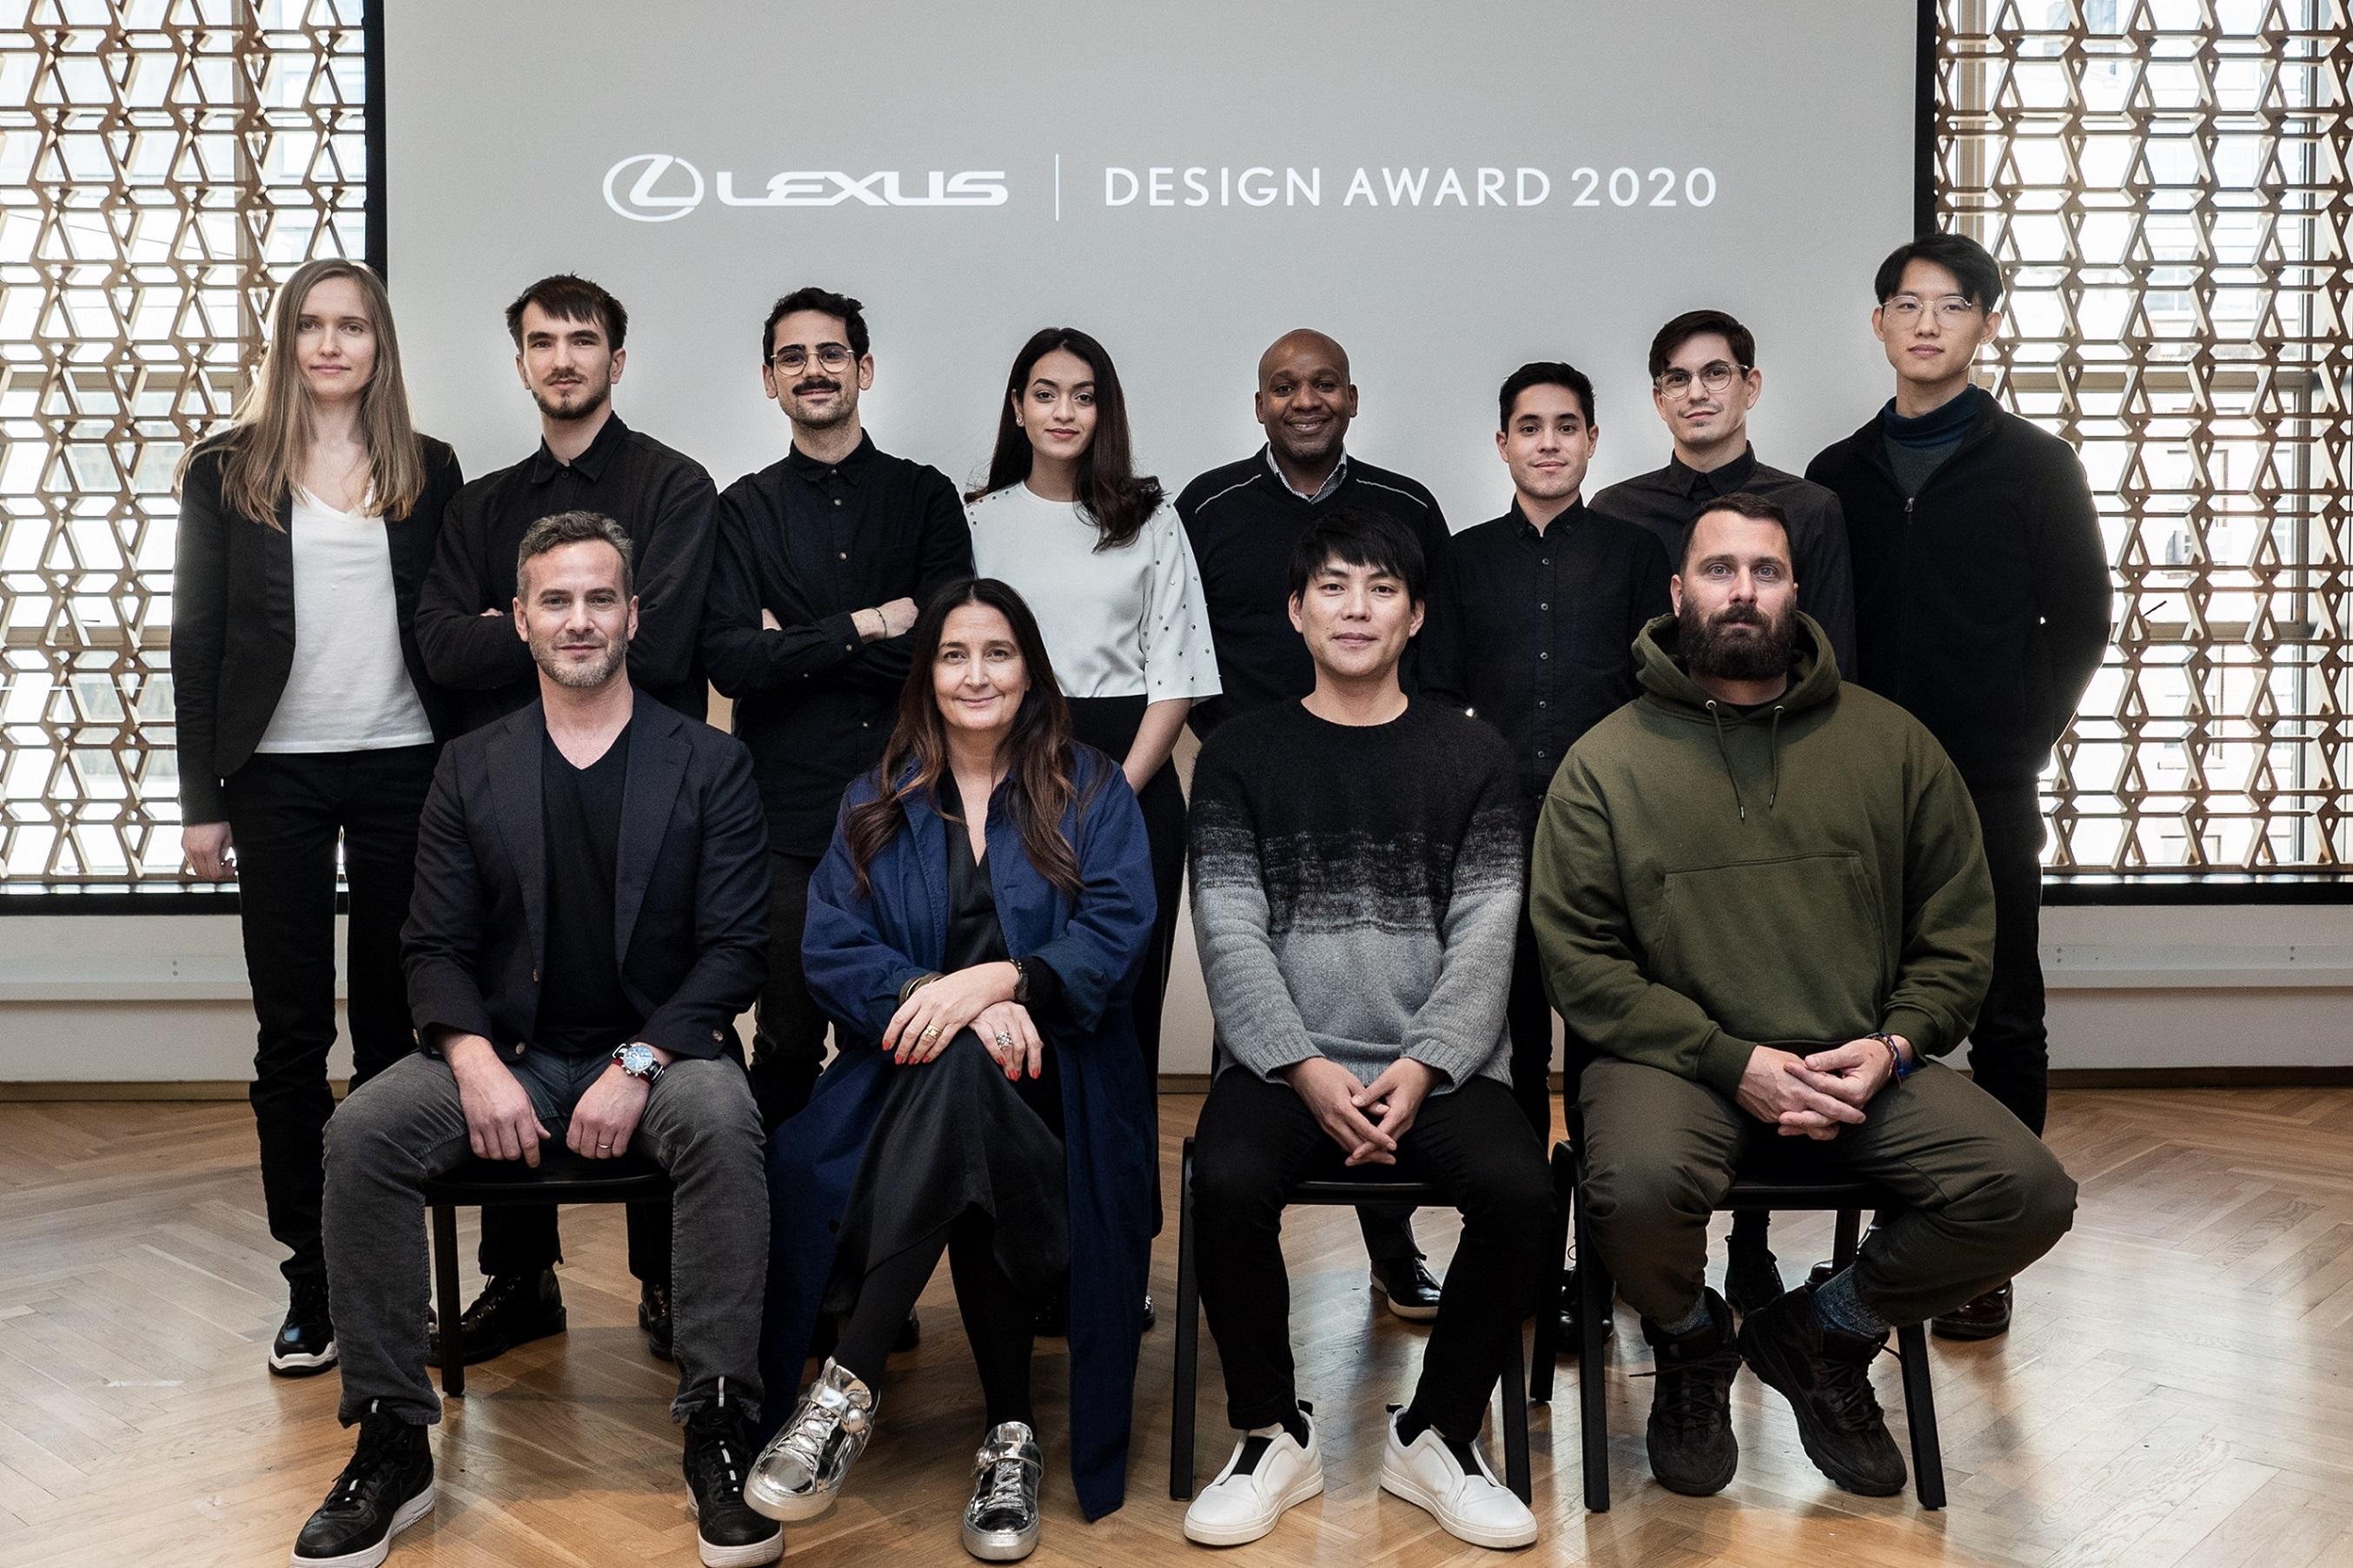 لكزس تتبنى تطوير 6 مشروعات إبداعية بقيمة 162 ألف دولار  لمرشحي نهائيات جائزة لكزس للتصميم 2020